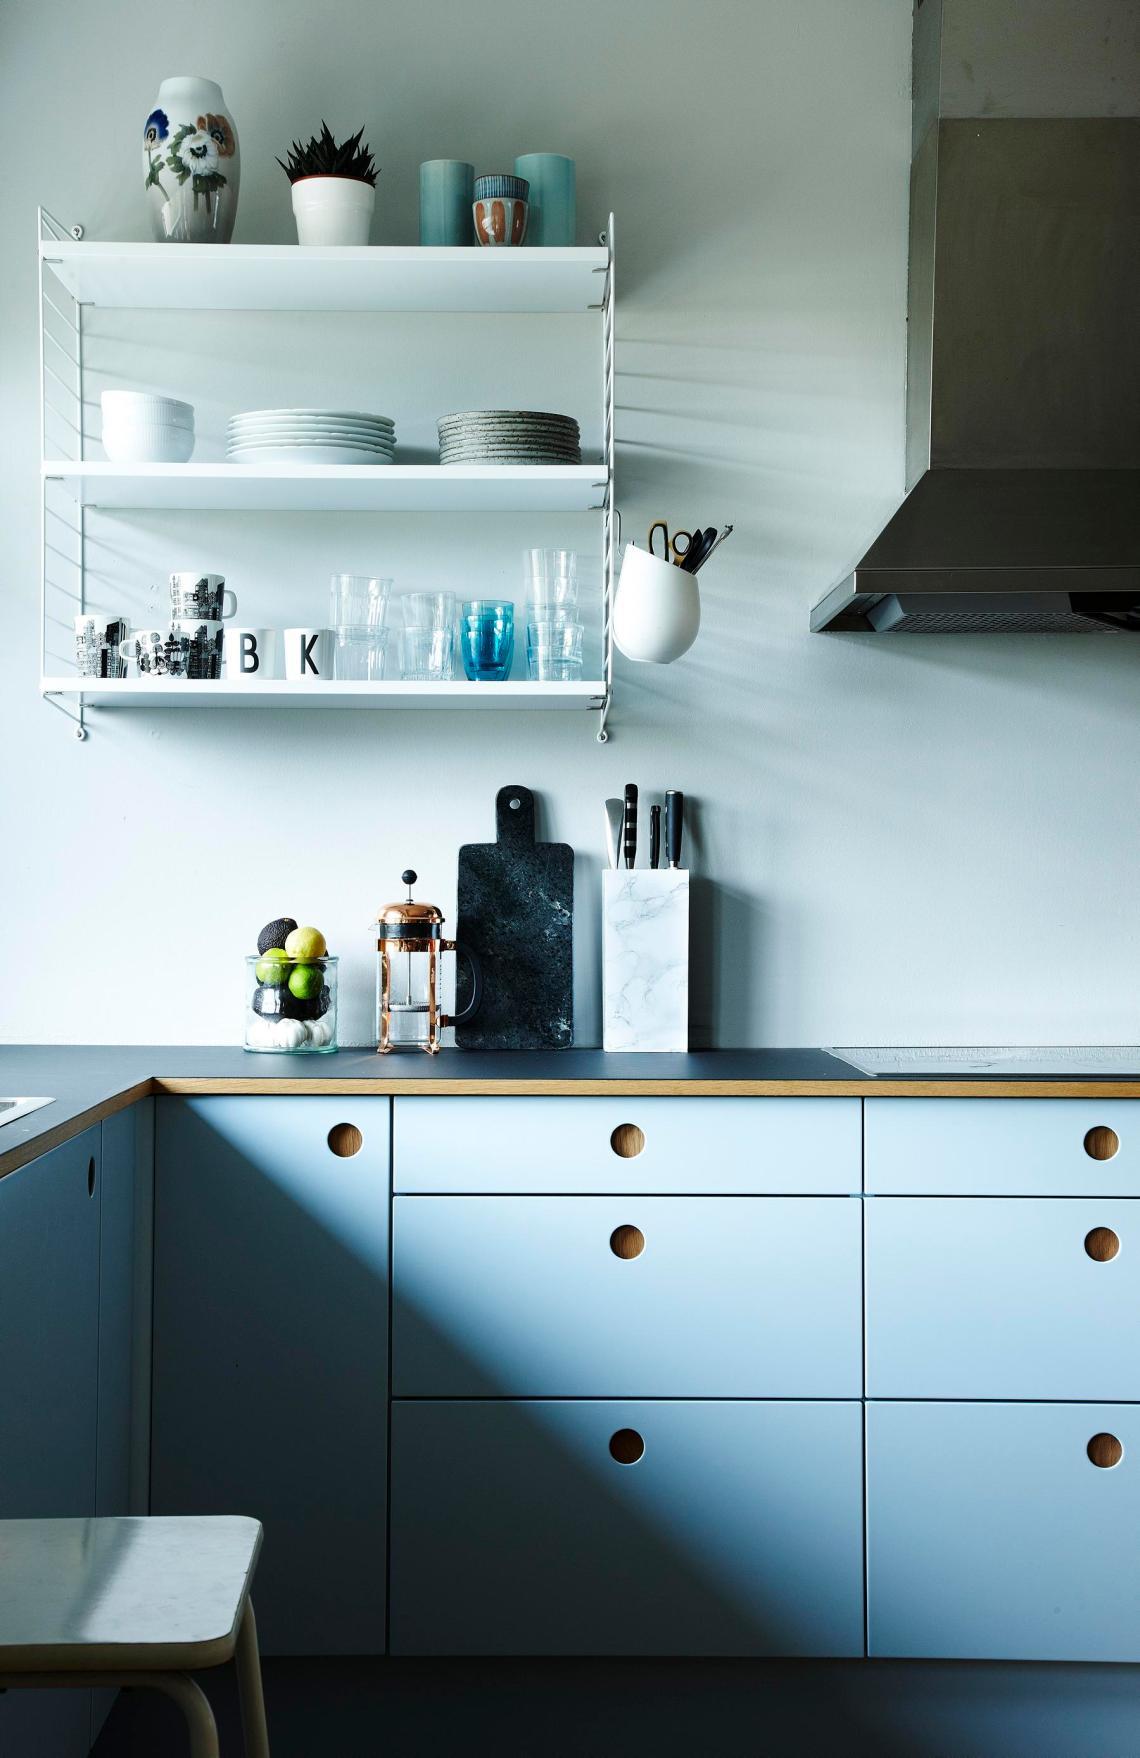 fe39 INDRET03 bolig sml før-efter sag julies køkken ikea-hacking reform køkken